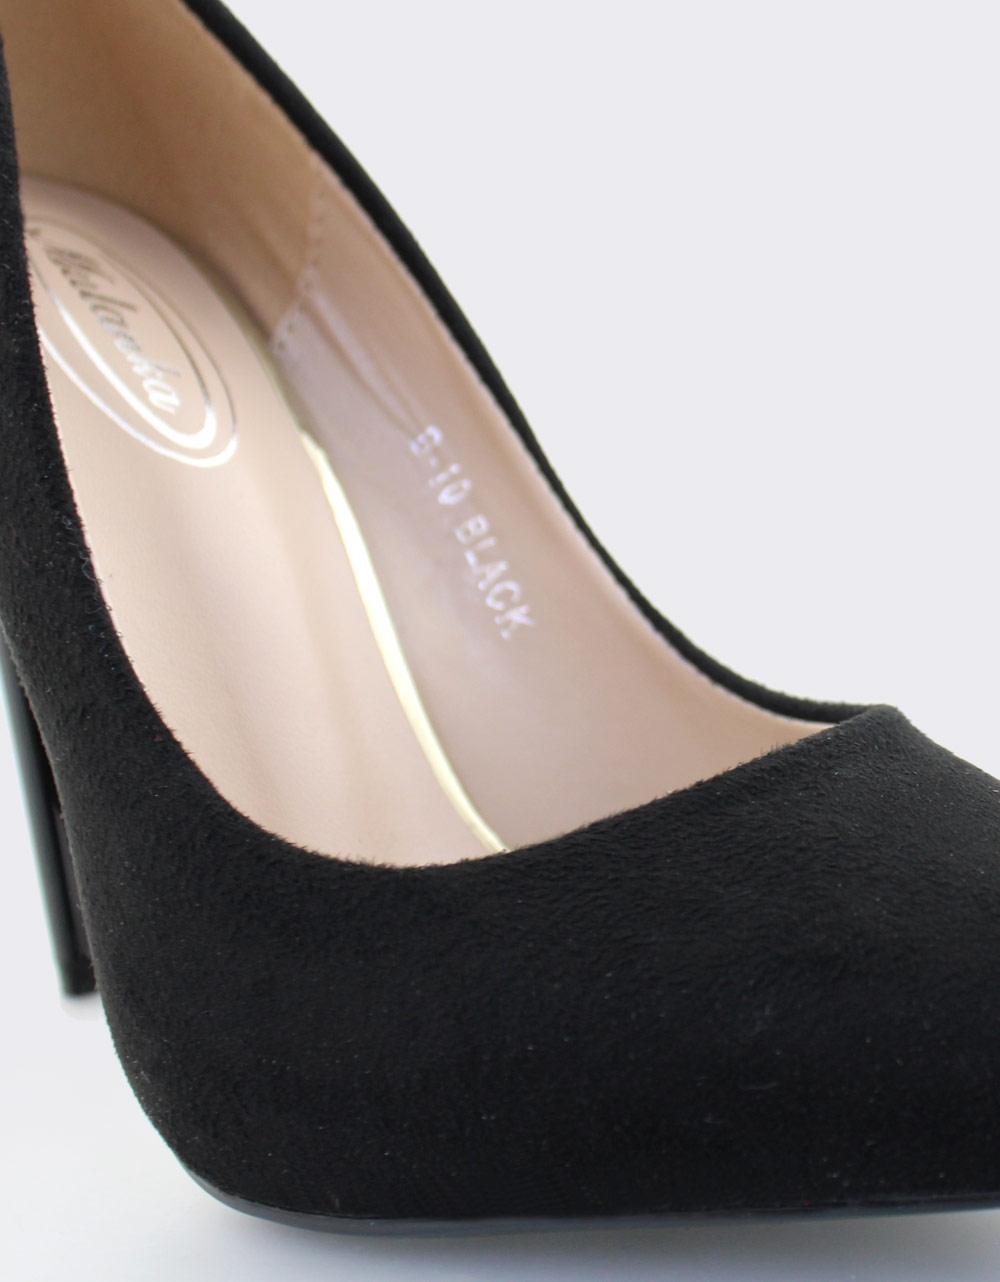 Εικόνα από Γυναικείες γόβες ψηλοτάκουνες Μαύρο